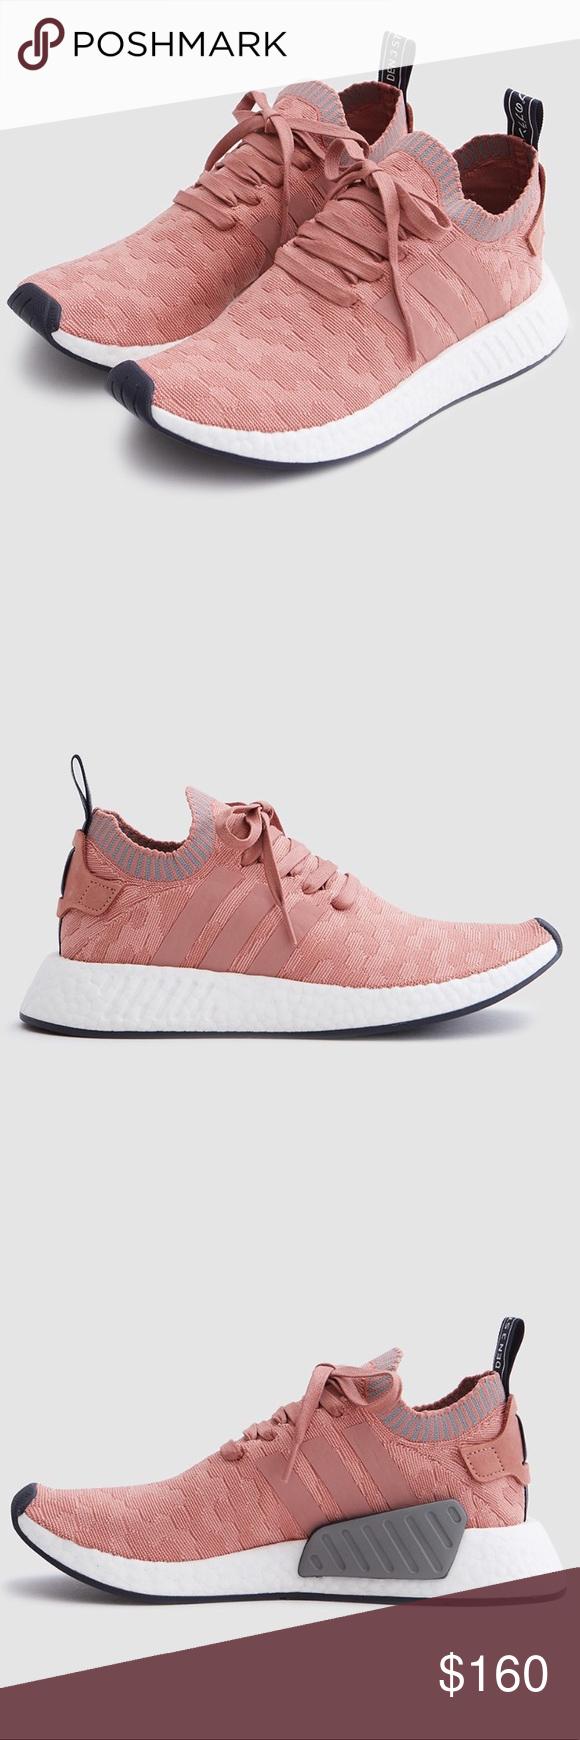 Adidas donne rosa nmd r2 primeknit crudo rosa donne / gray nwt pinterest 0d12de